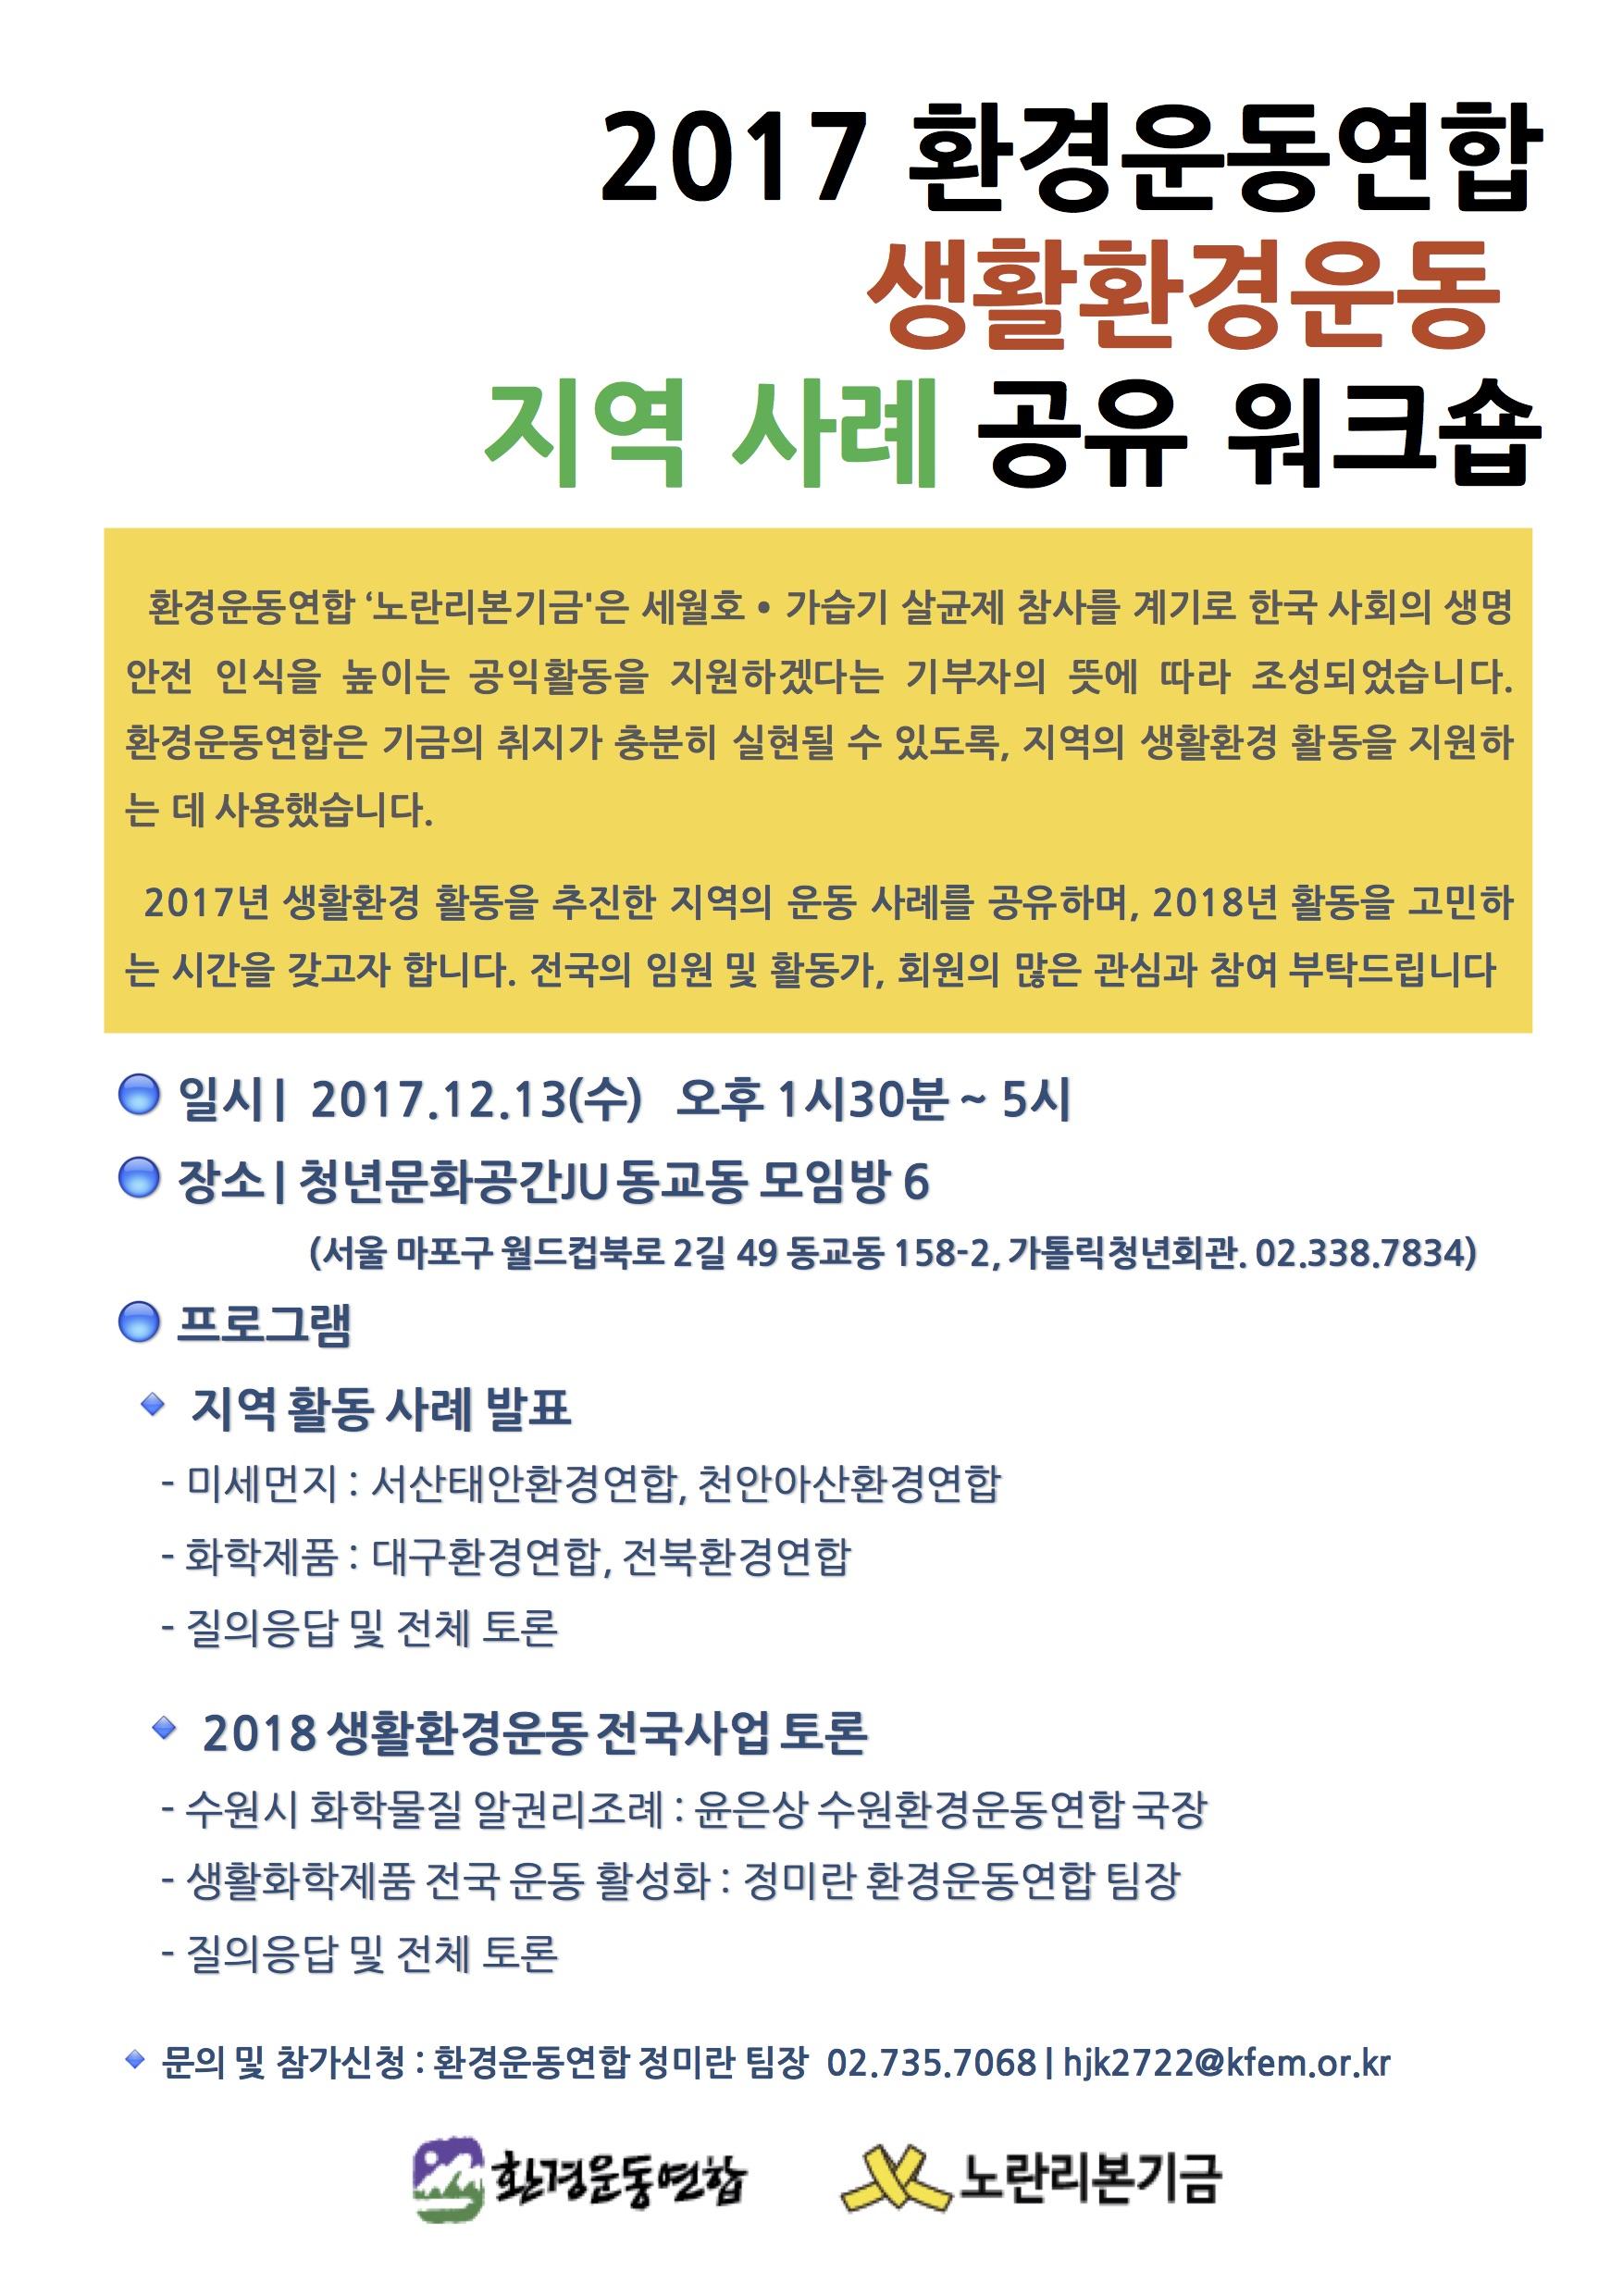 [홍보] 생활환경운동 지역사례 공유 워크숍 17-11-30